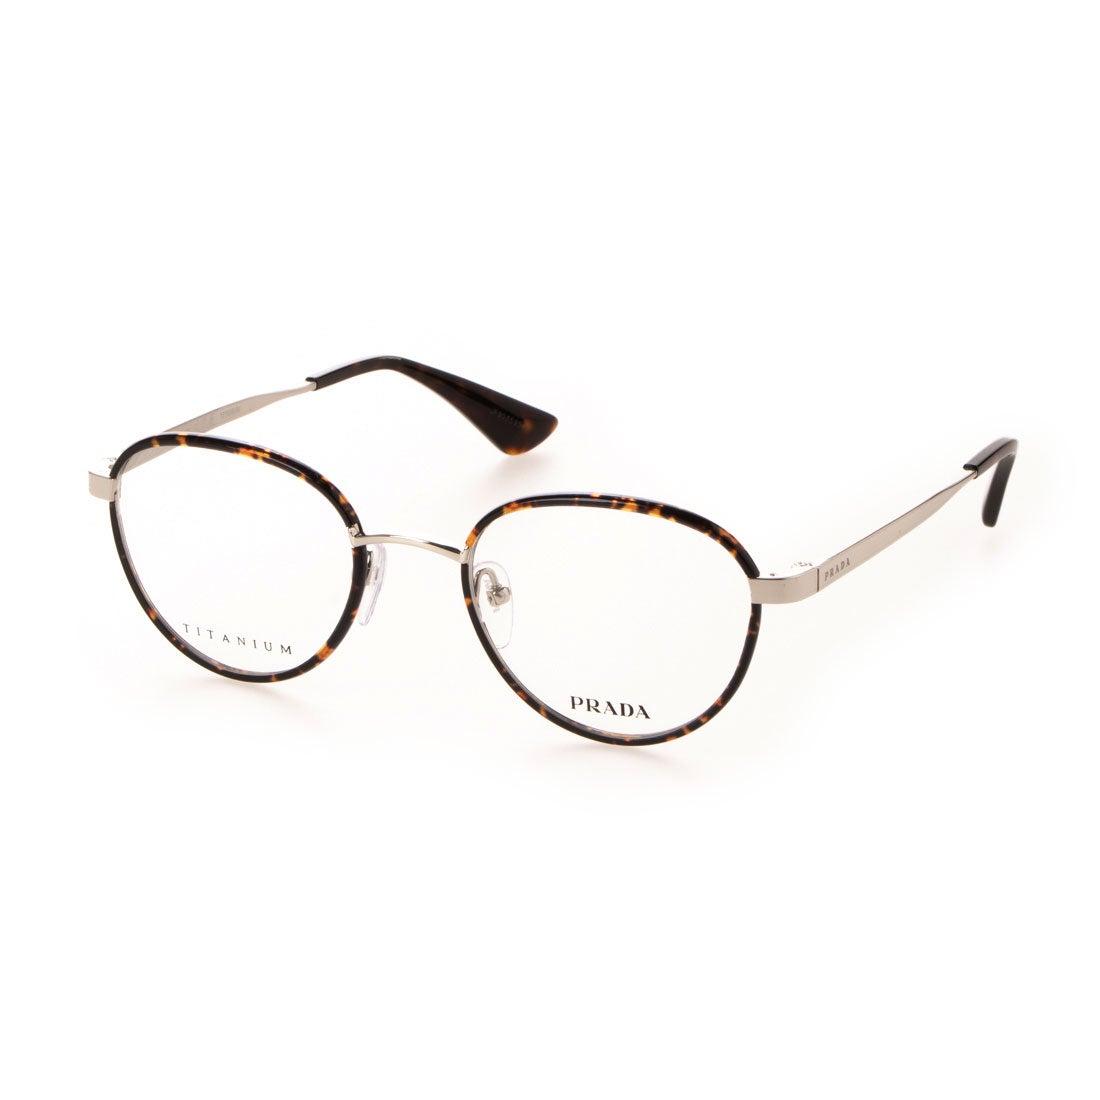 プラダ PRADA メガネ 眼鏡 アイウェア レディース メンズ (シルバー/トータス)